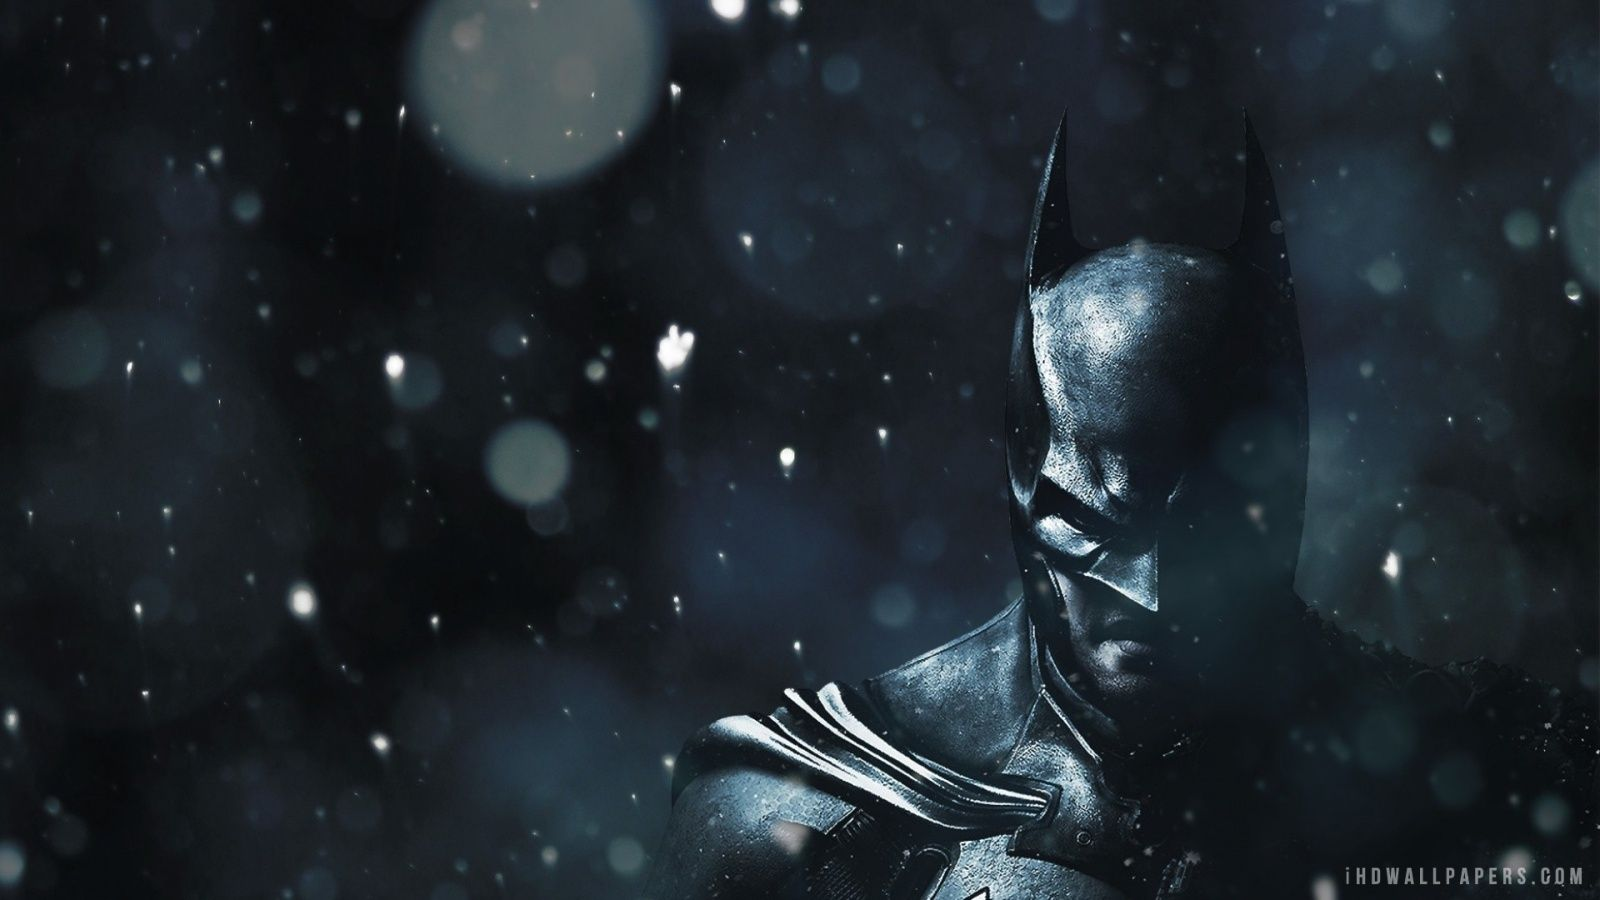 Batman Arkham Origins Batman Hd Wallpaper Batman Arkham City Batman Wallpaper Batman Arkham Origins